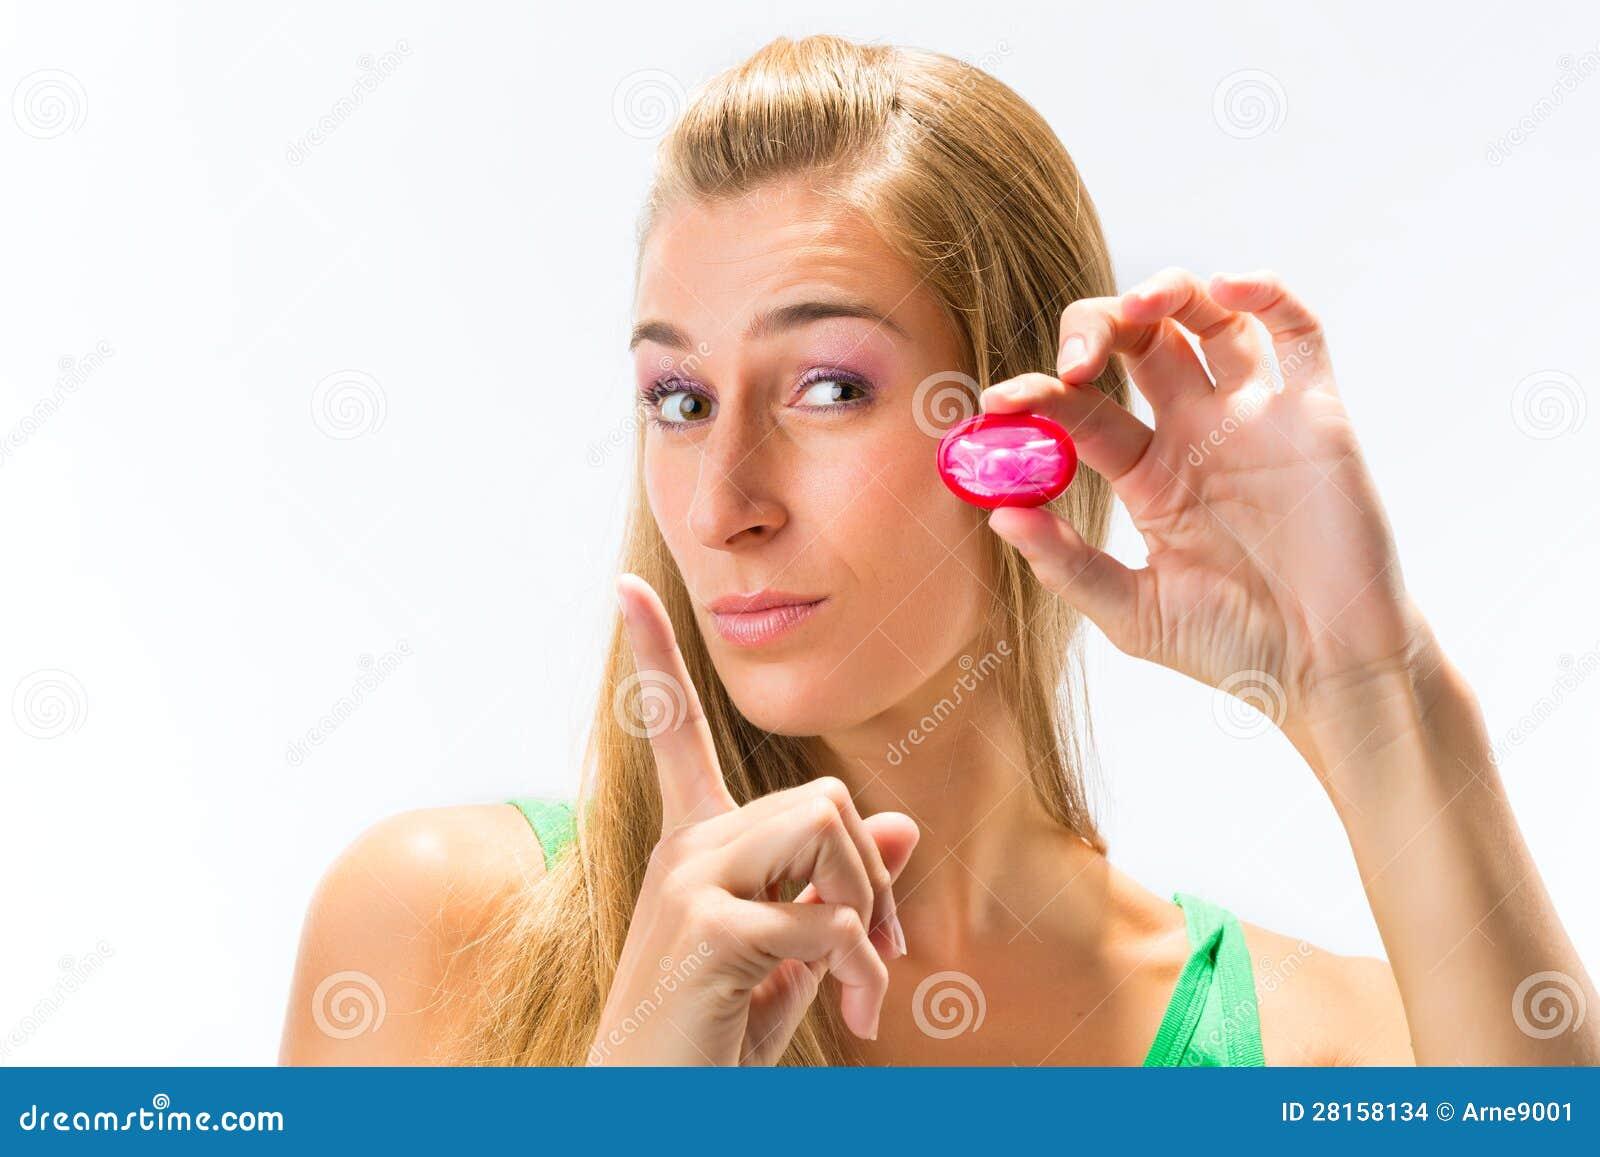 Fick Mit Einem Kondom